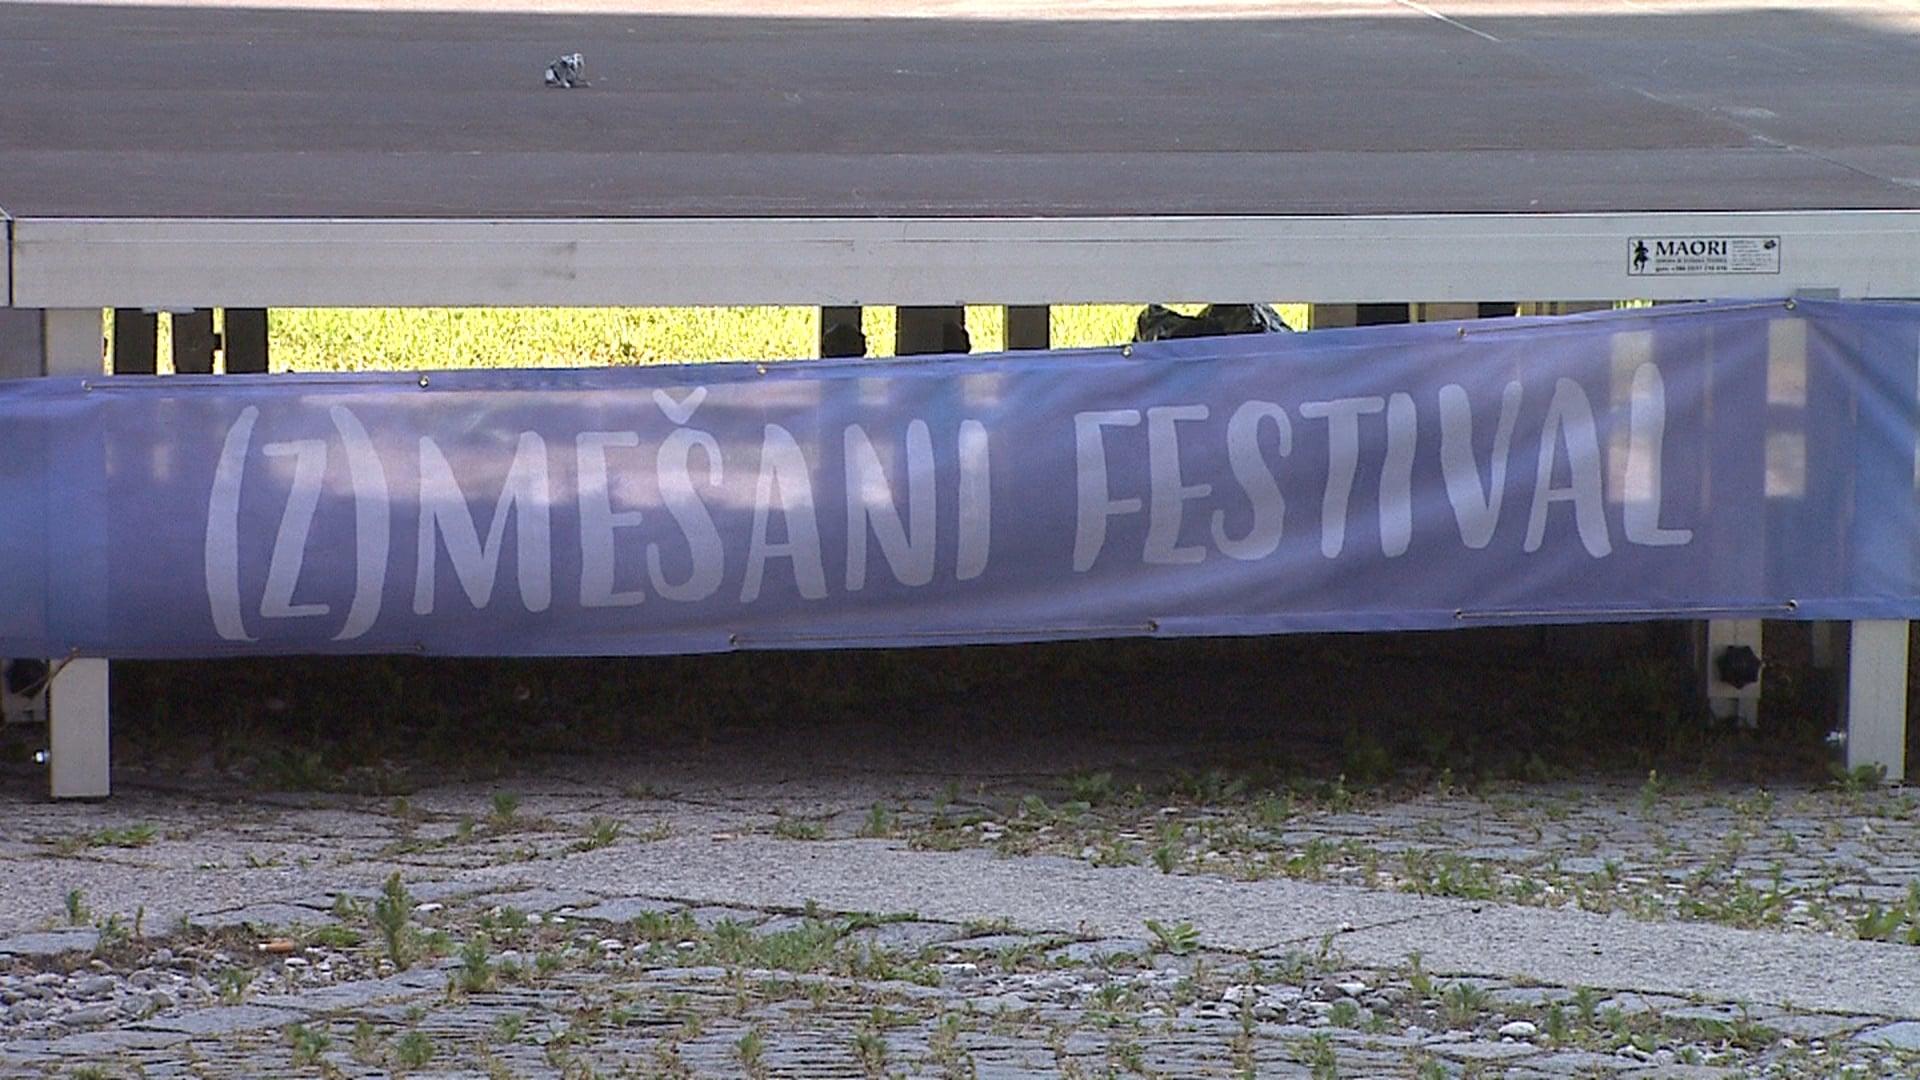 (Z)mešani festival